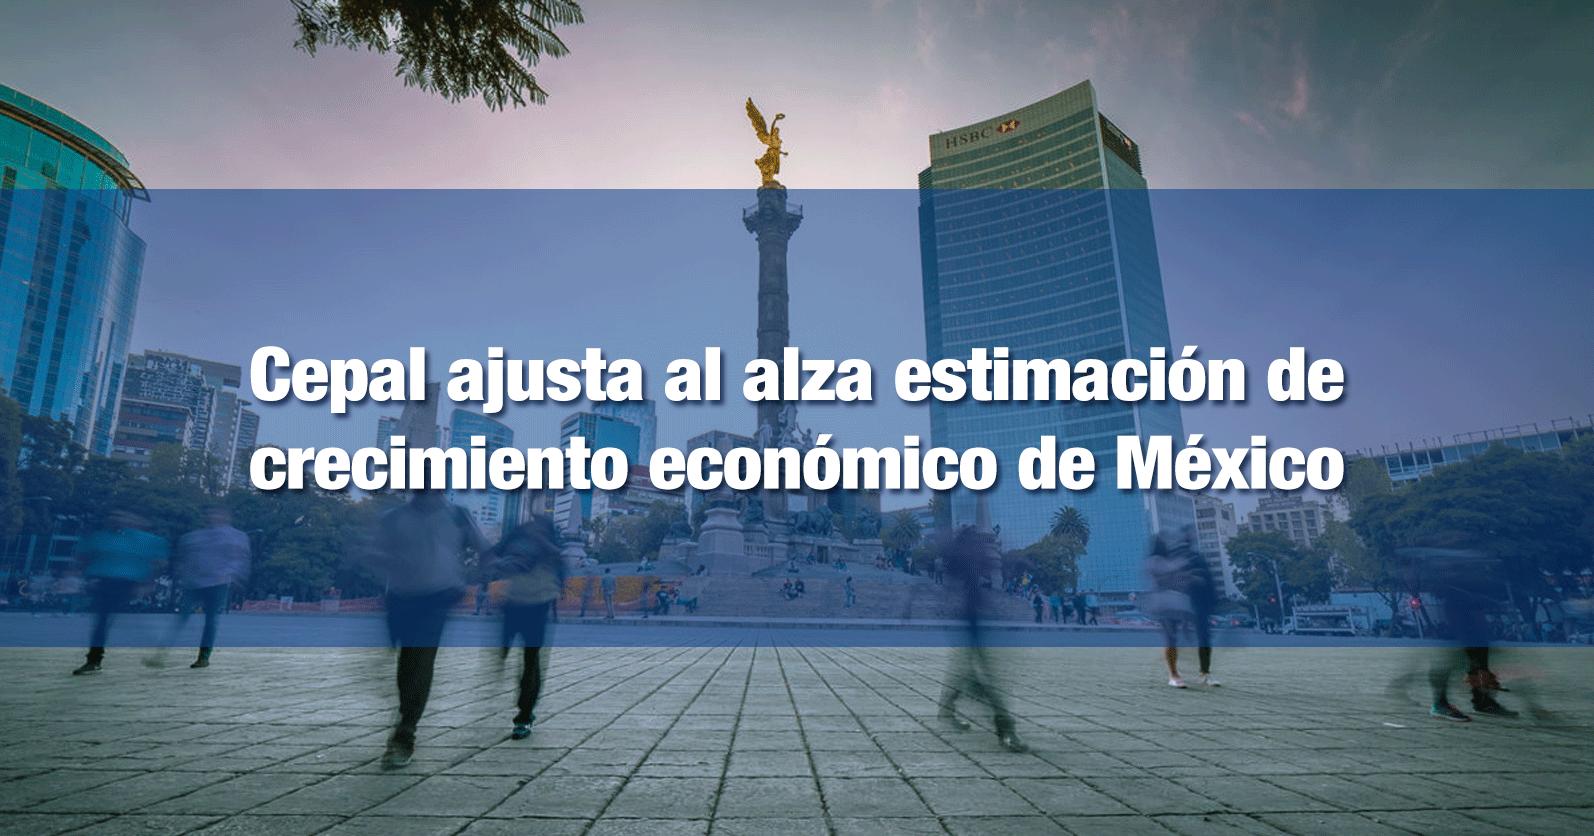 Cepal ajusta al alza estimación de crecimiento económico de México